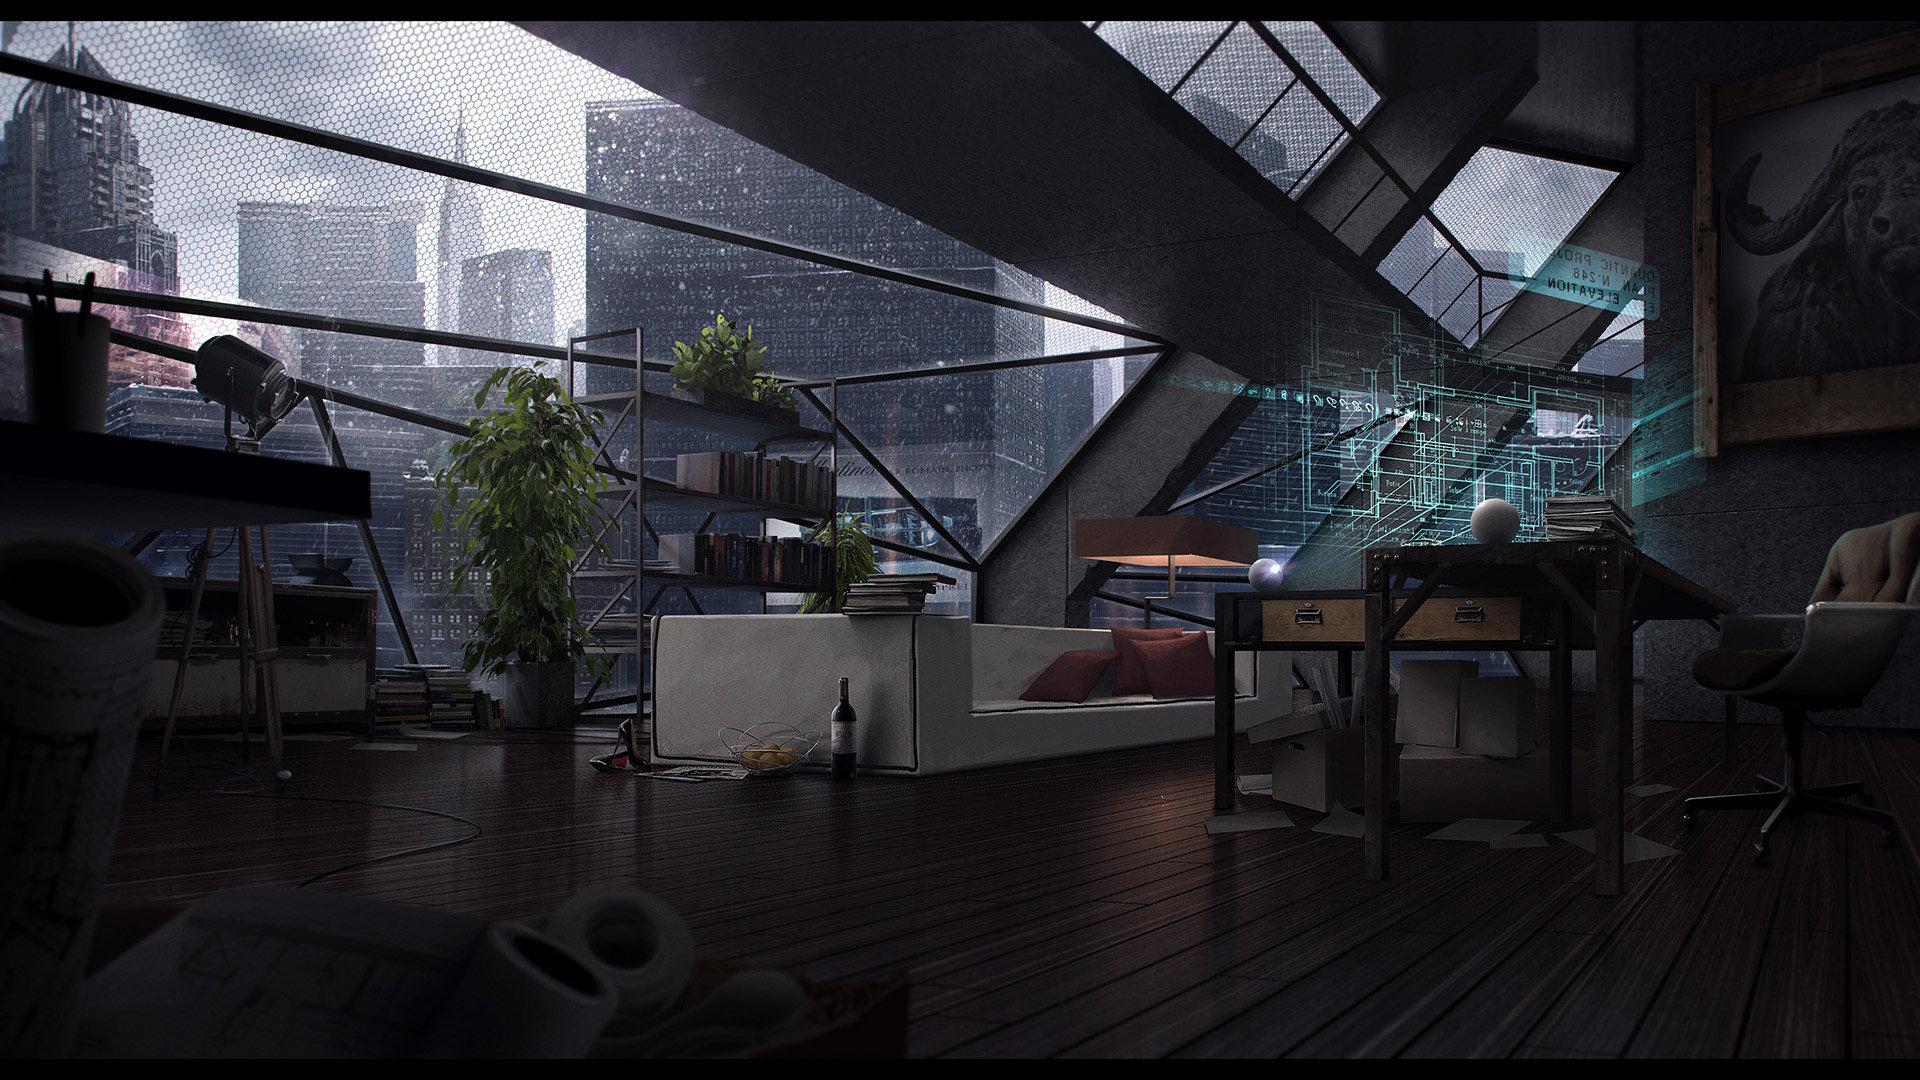 Romain jouandeau the loft hd